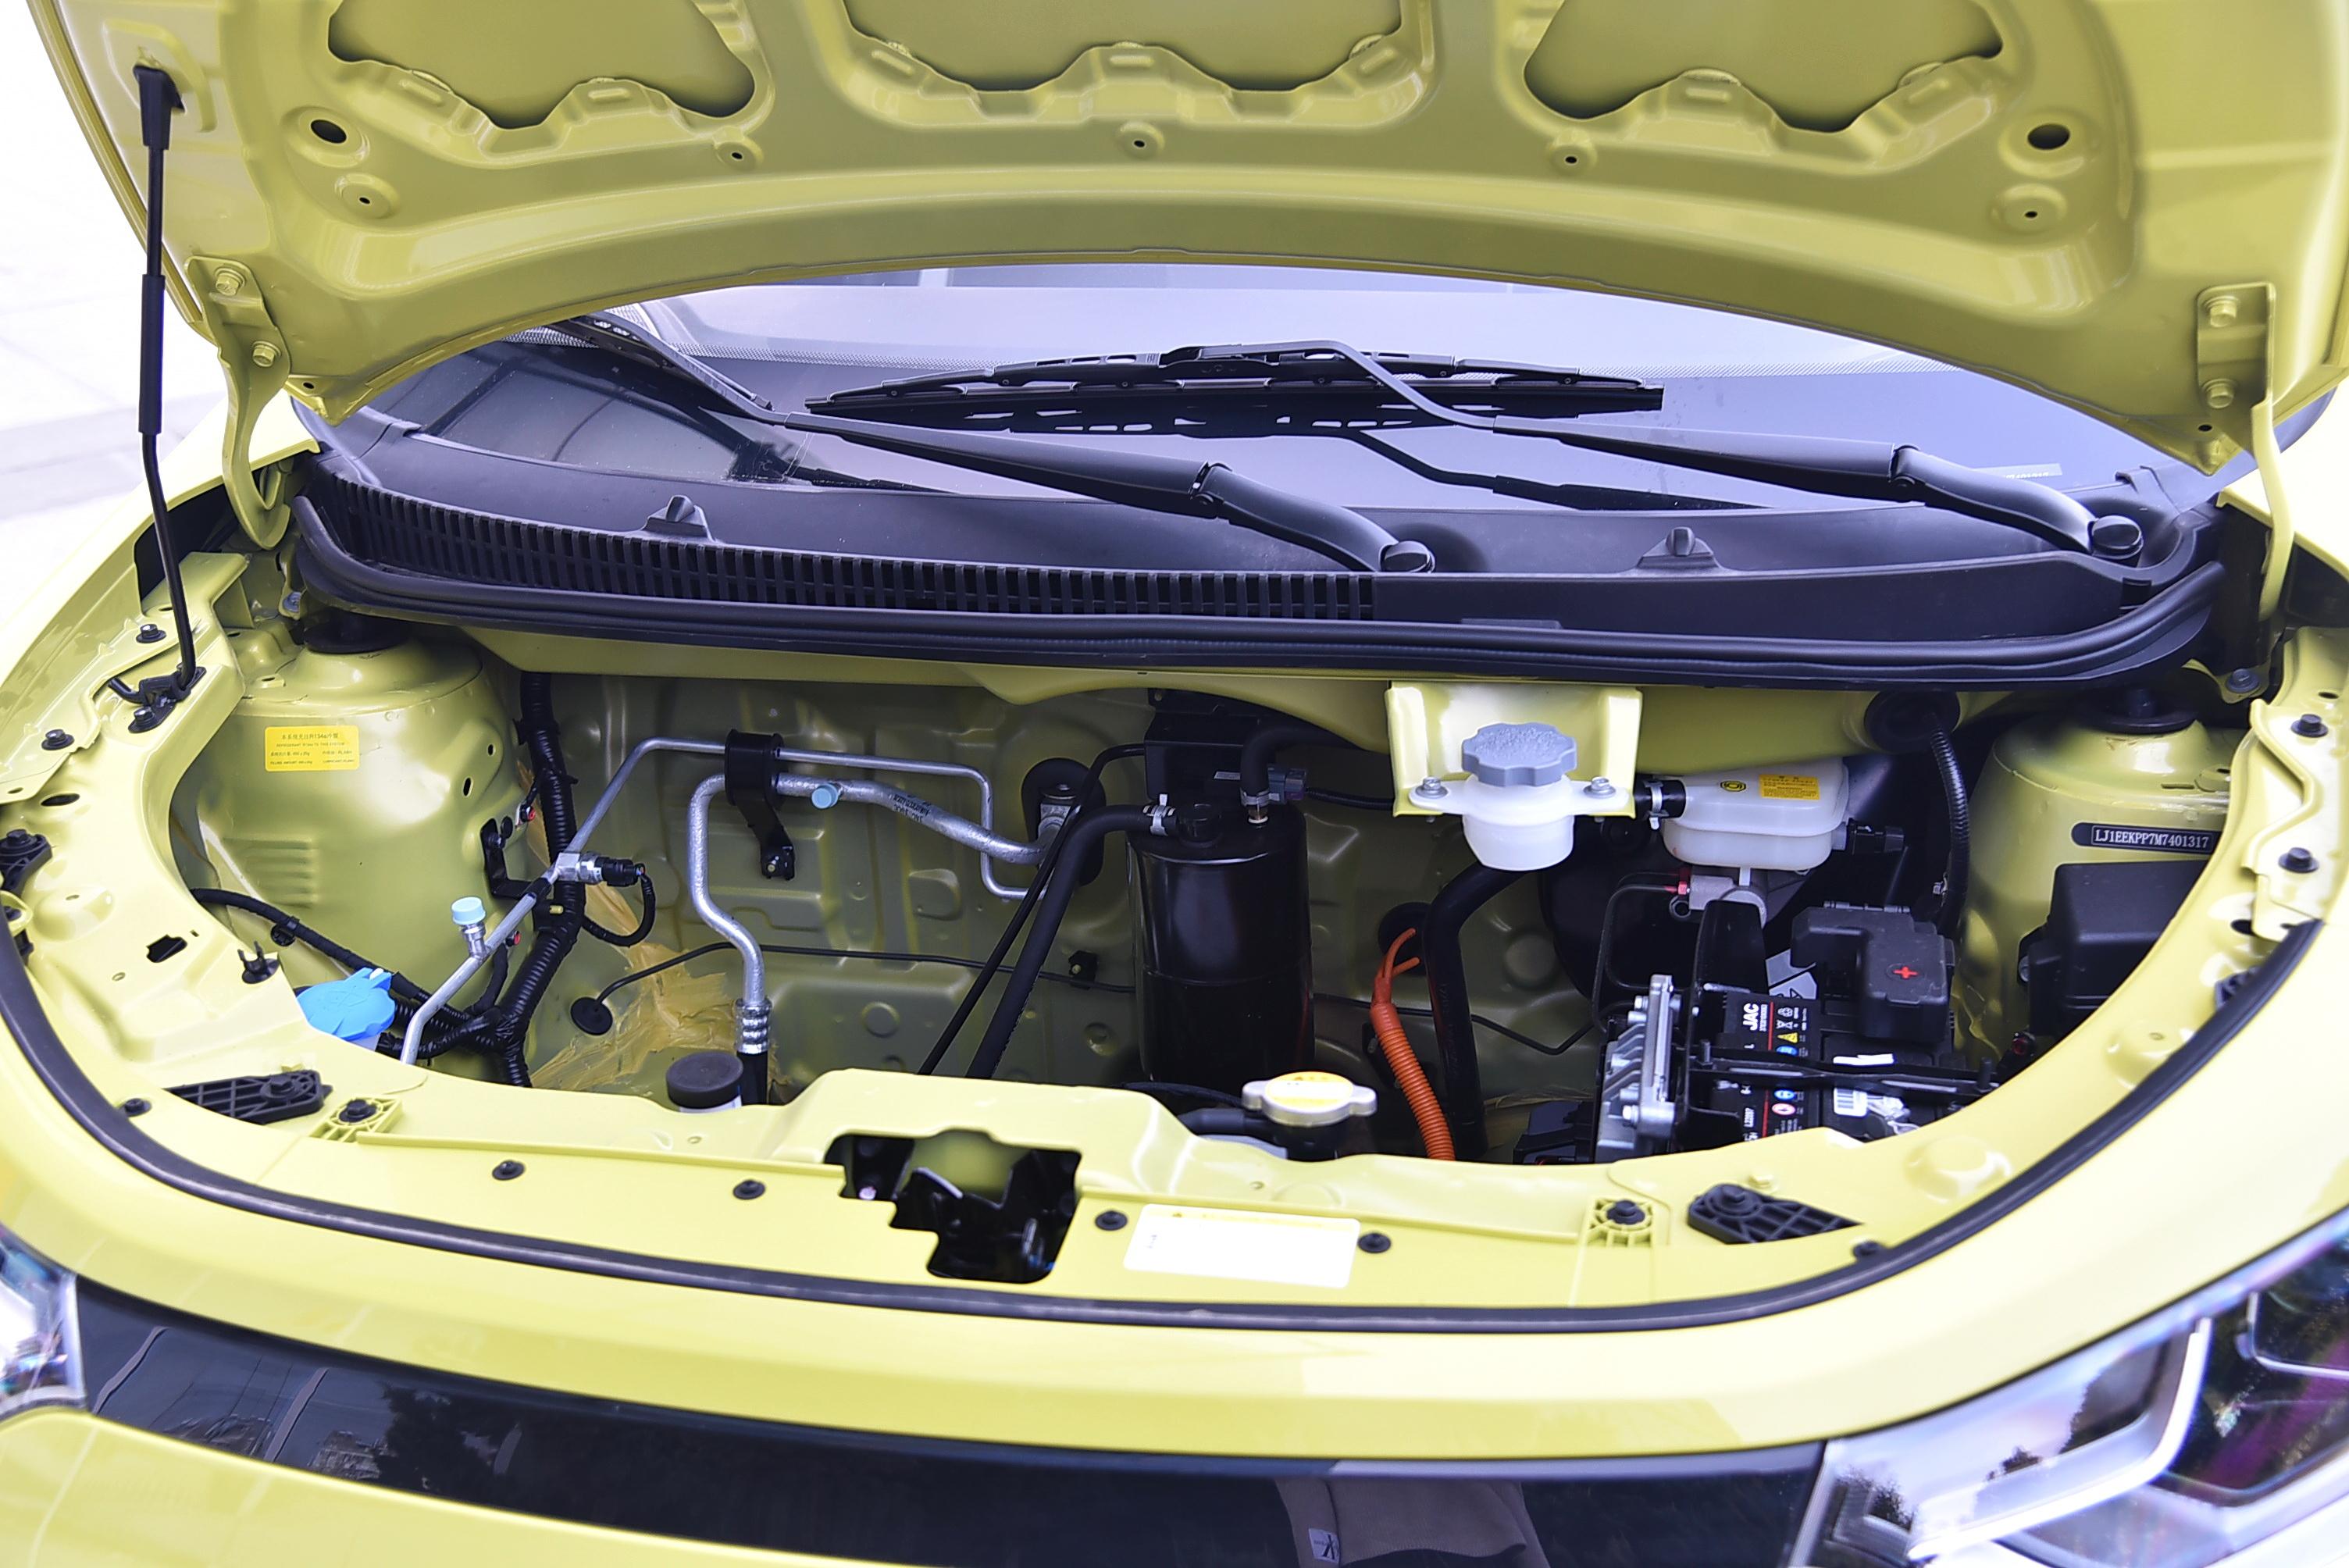 补贴后售价3.99万元起 思皓E10X正式上市抢占微型车市场